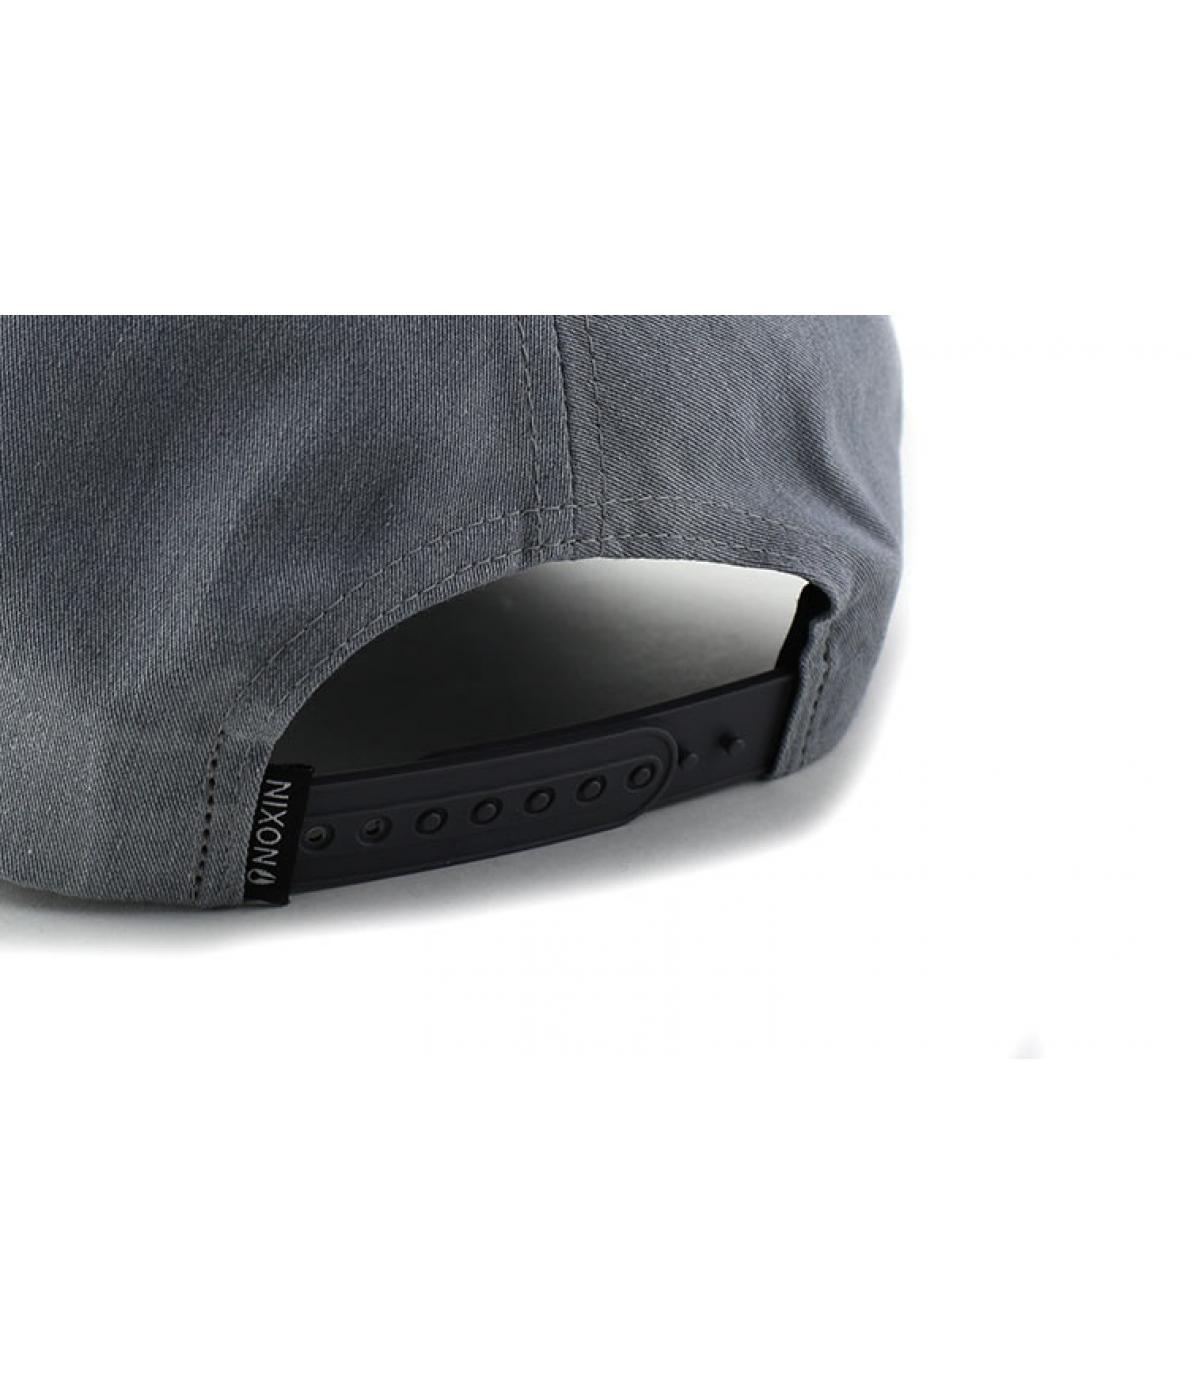 Details Lockup heather grey - Abbildung 5